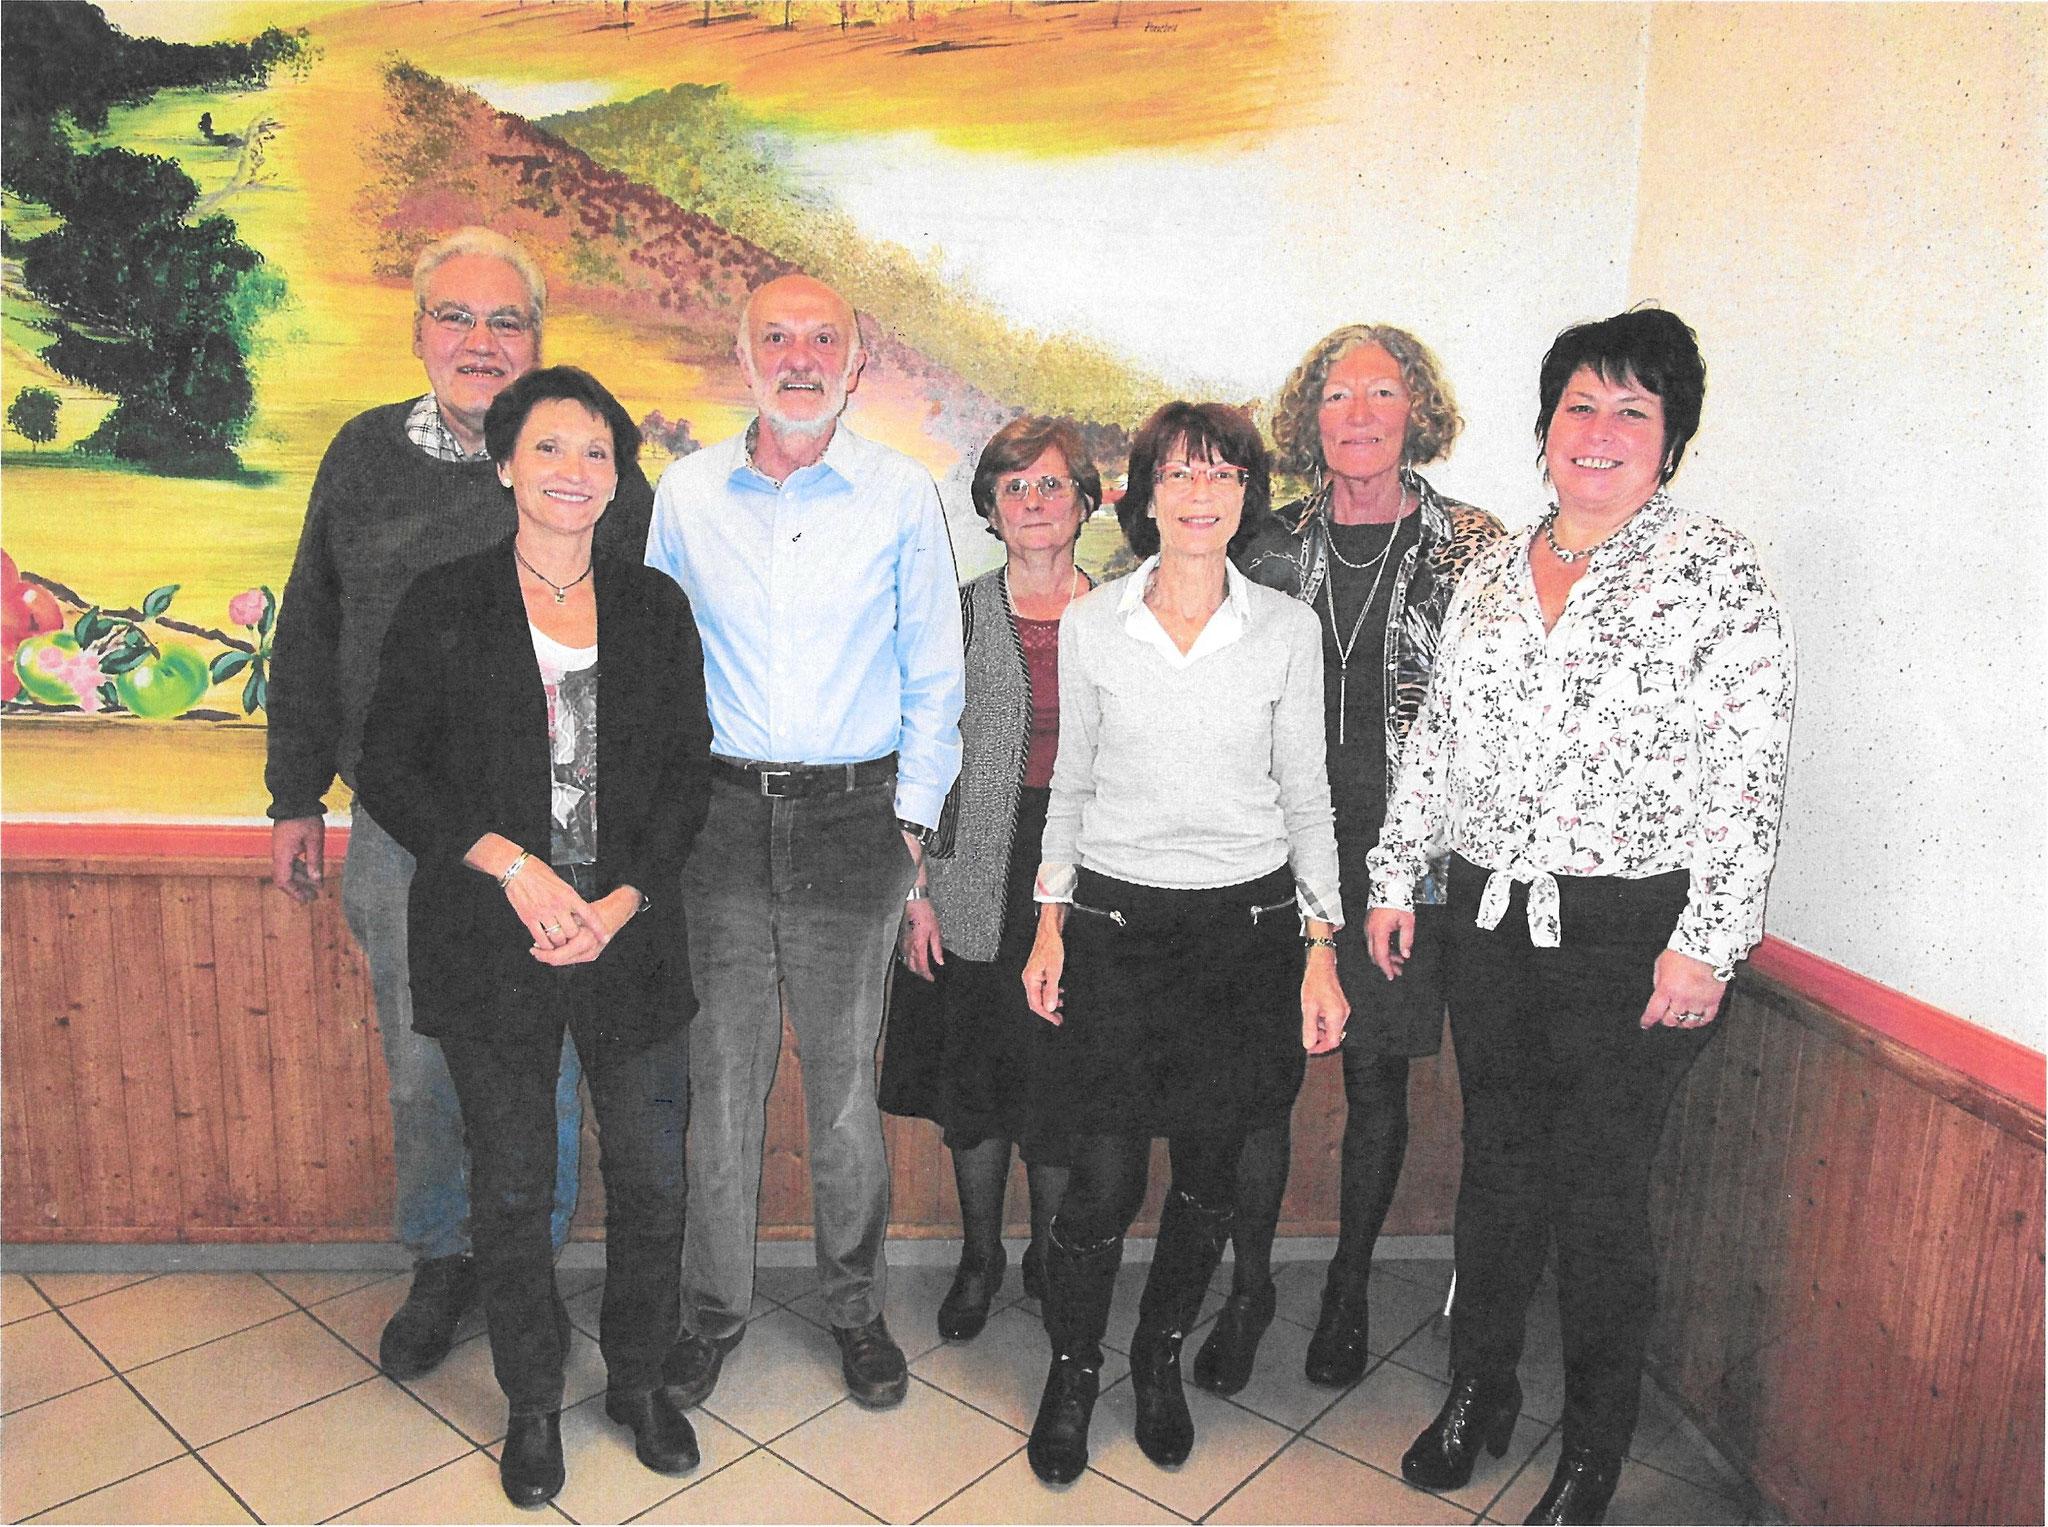 Repas des aînés, organisé par le CCAS  et la municipalité, édition 2017 - les membres de l'organisation